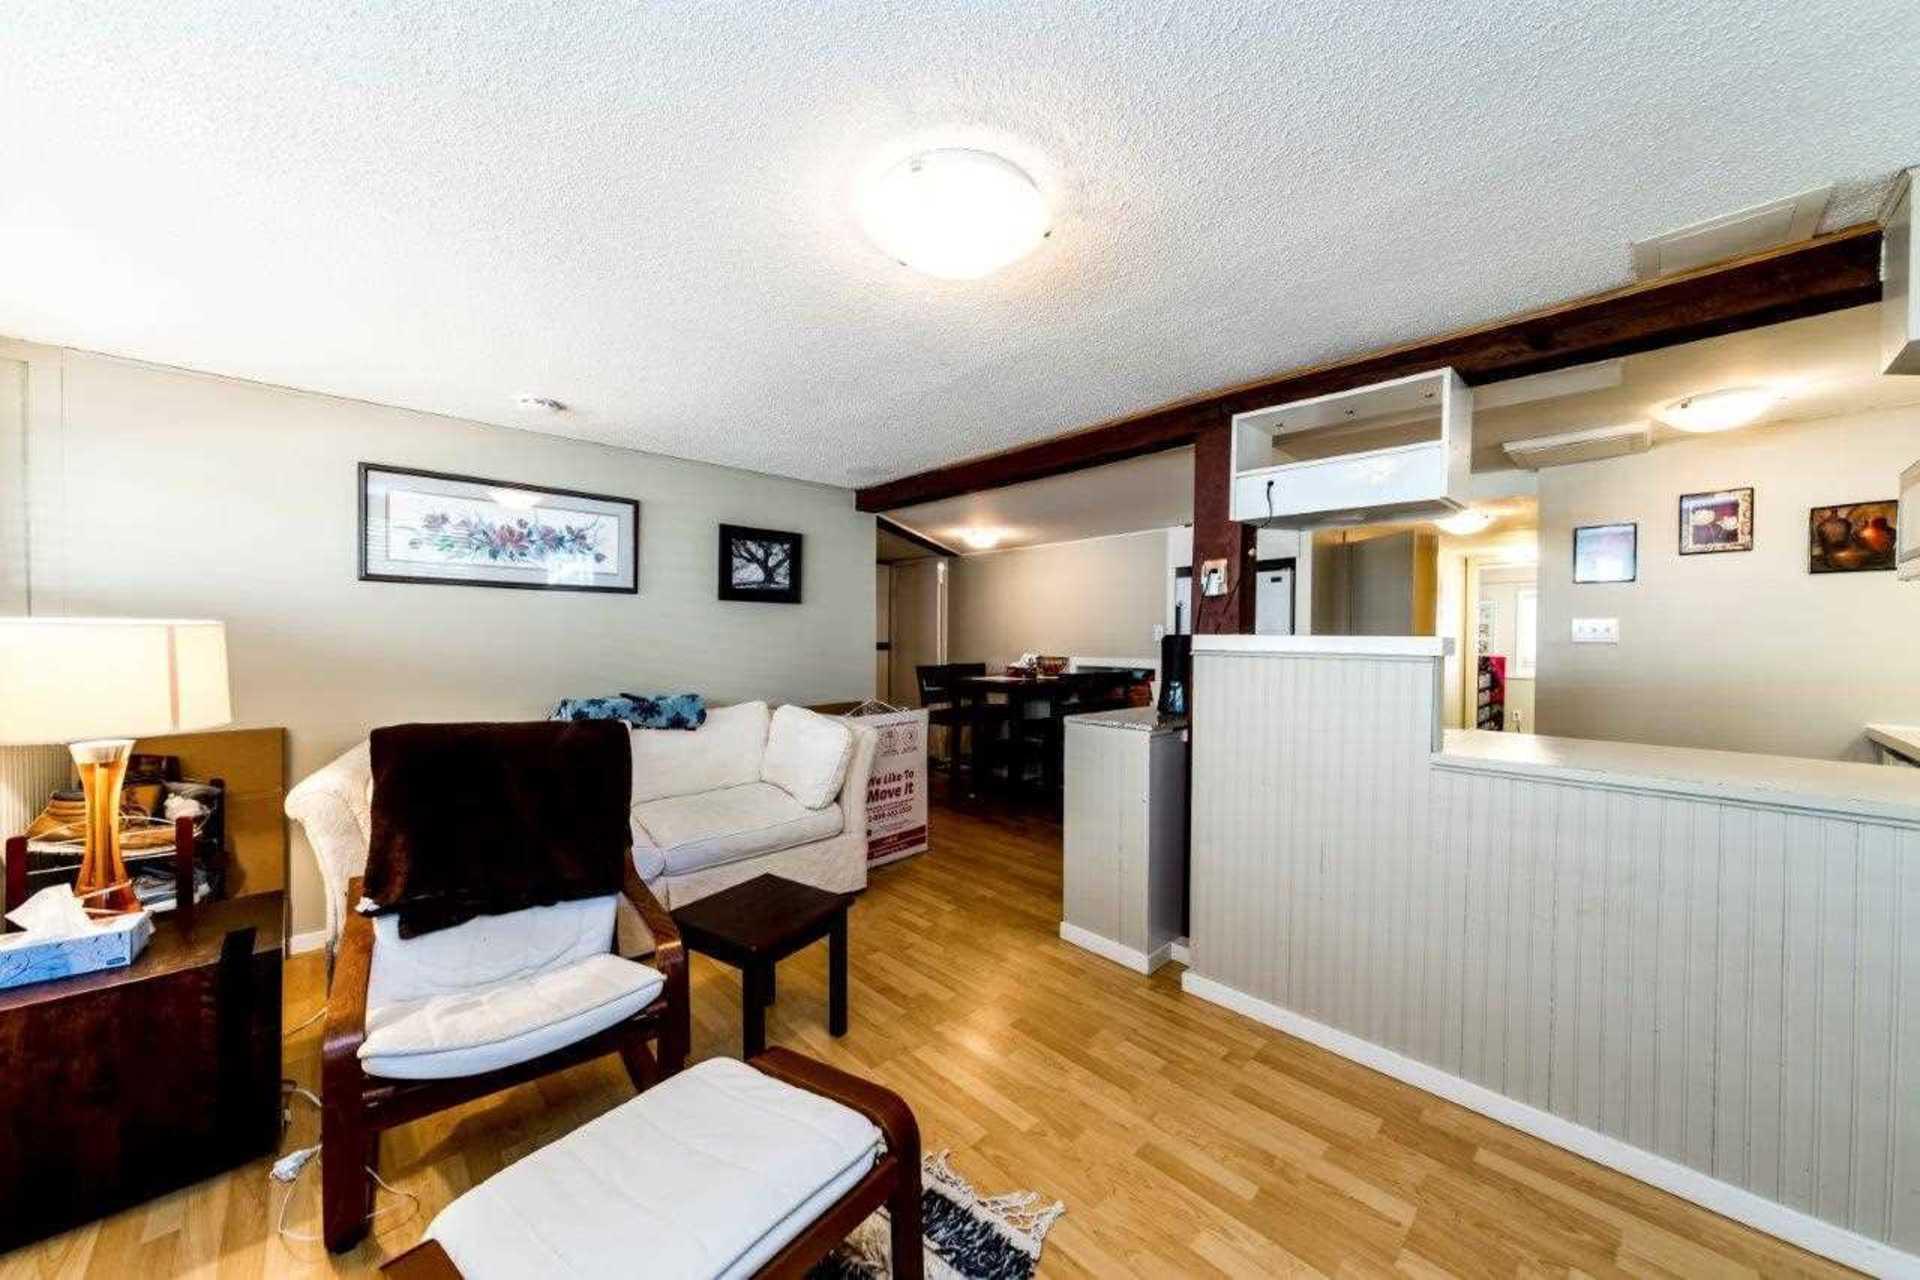 2421-jones-avenue-central-lonsdale-north-vancouver-16 at 2421 Jones Avenue, Central Lonsdale, North Vancouver